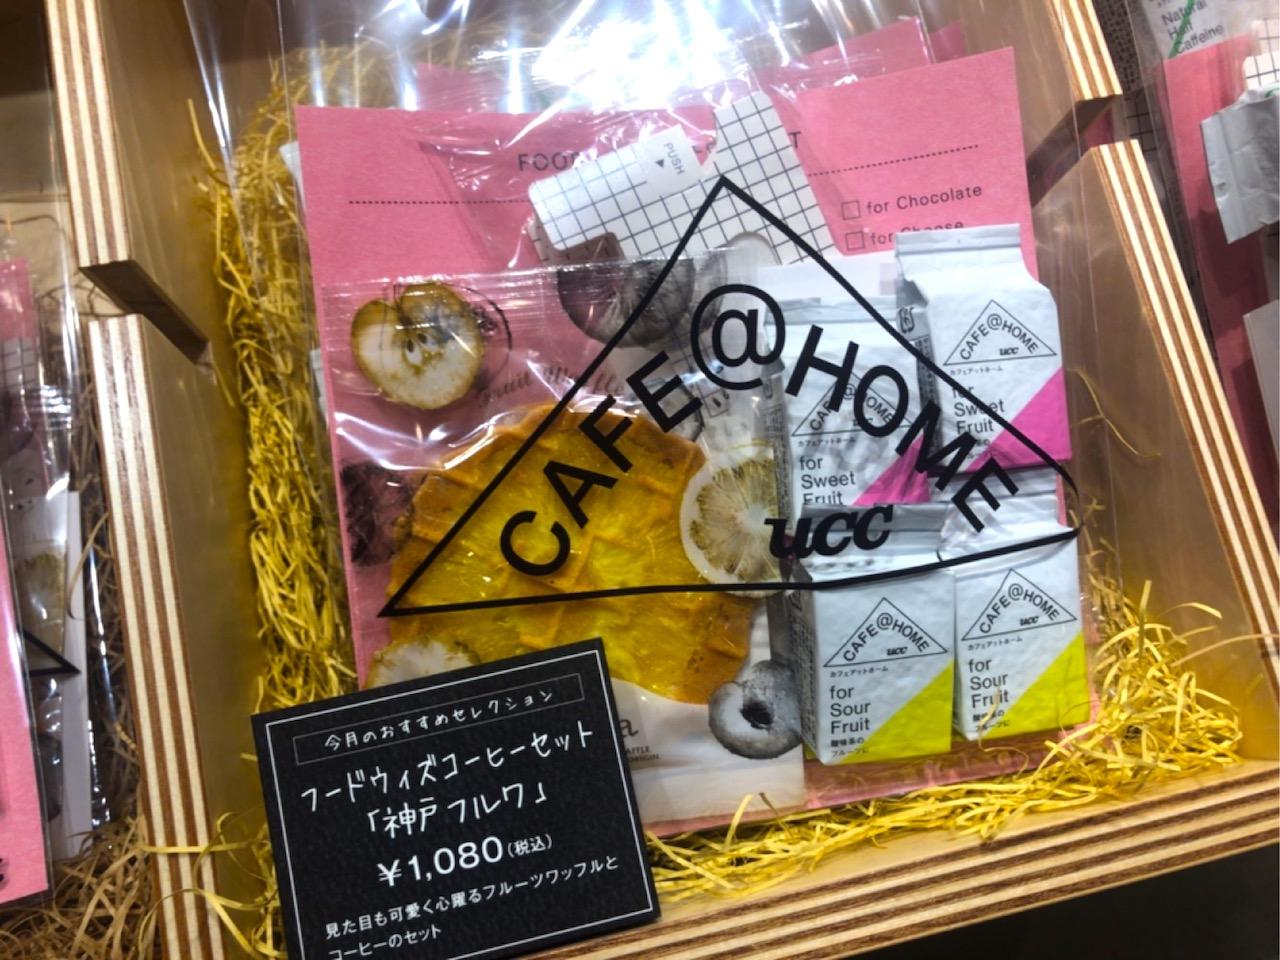 【吉祥寺】沖縄の黒糖カヌレと味わうUCCの新しいカフェがすごくいい!